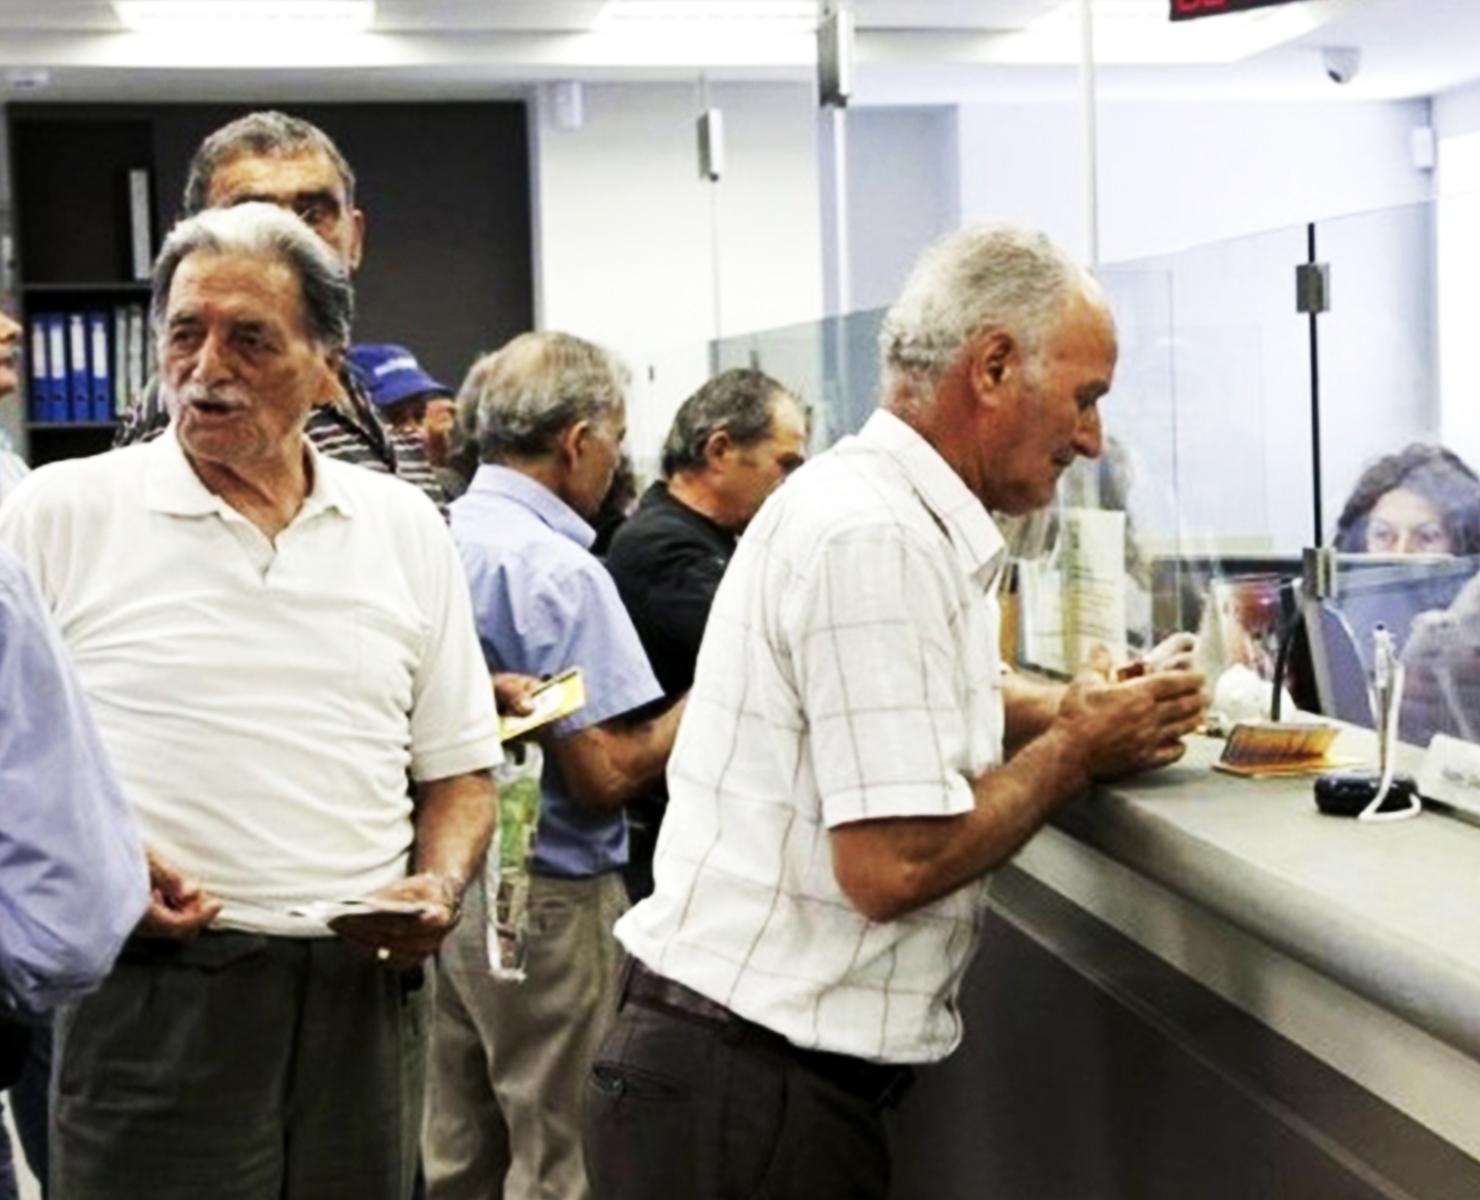 PROVA DE VIDA: APOSENTADOS TERÃO PRAZO ATÉ 5 DE ABRIL